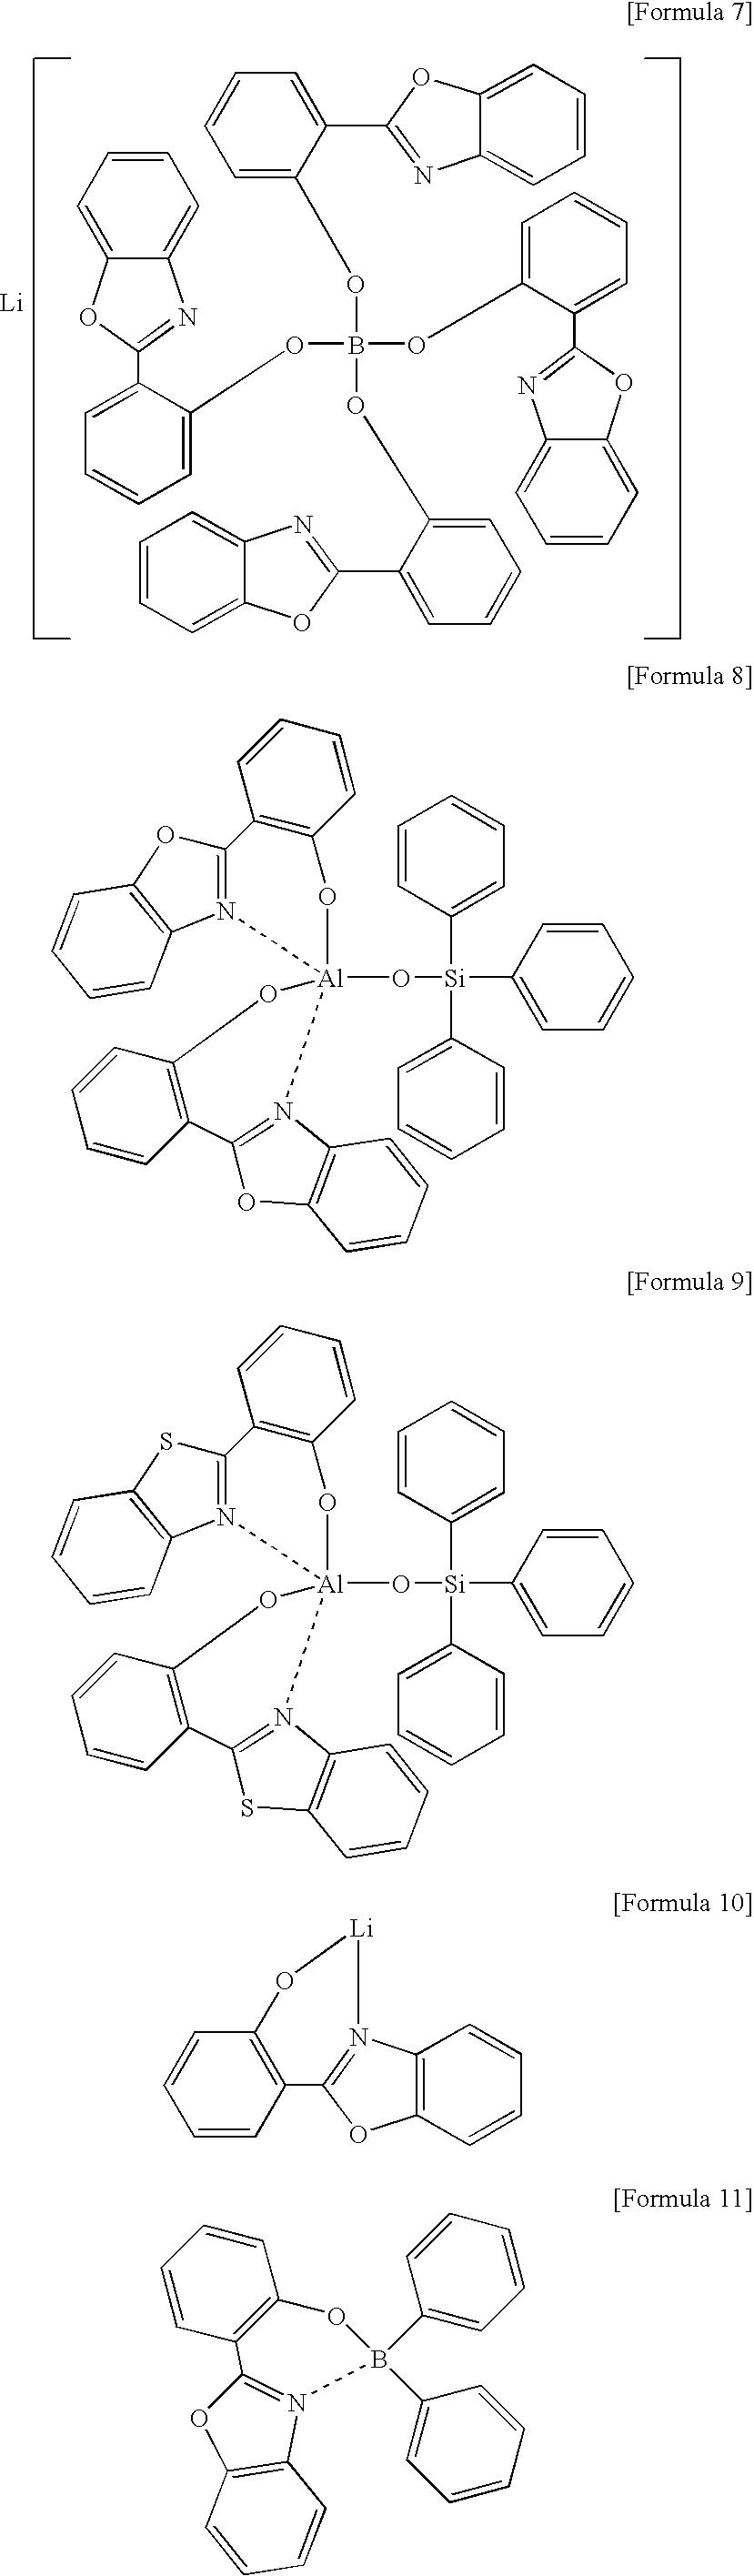 Figure US20040124425A1-20040701-C00004